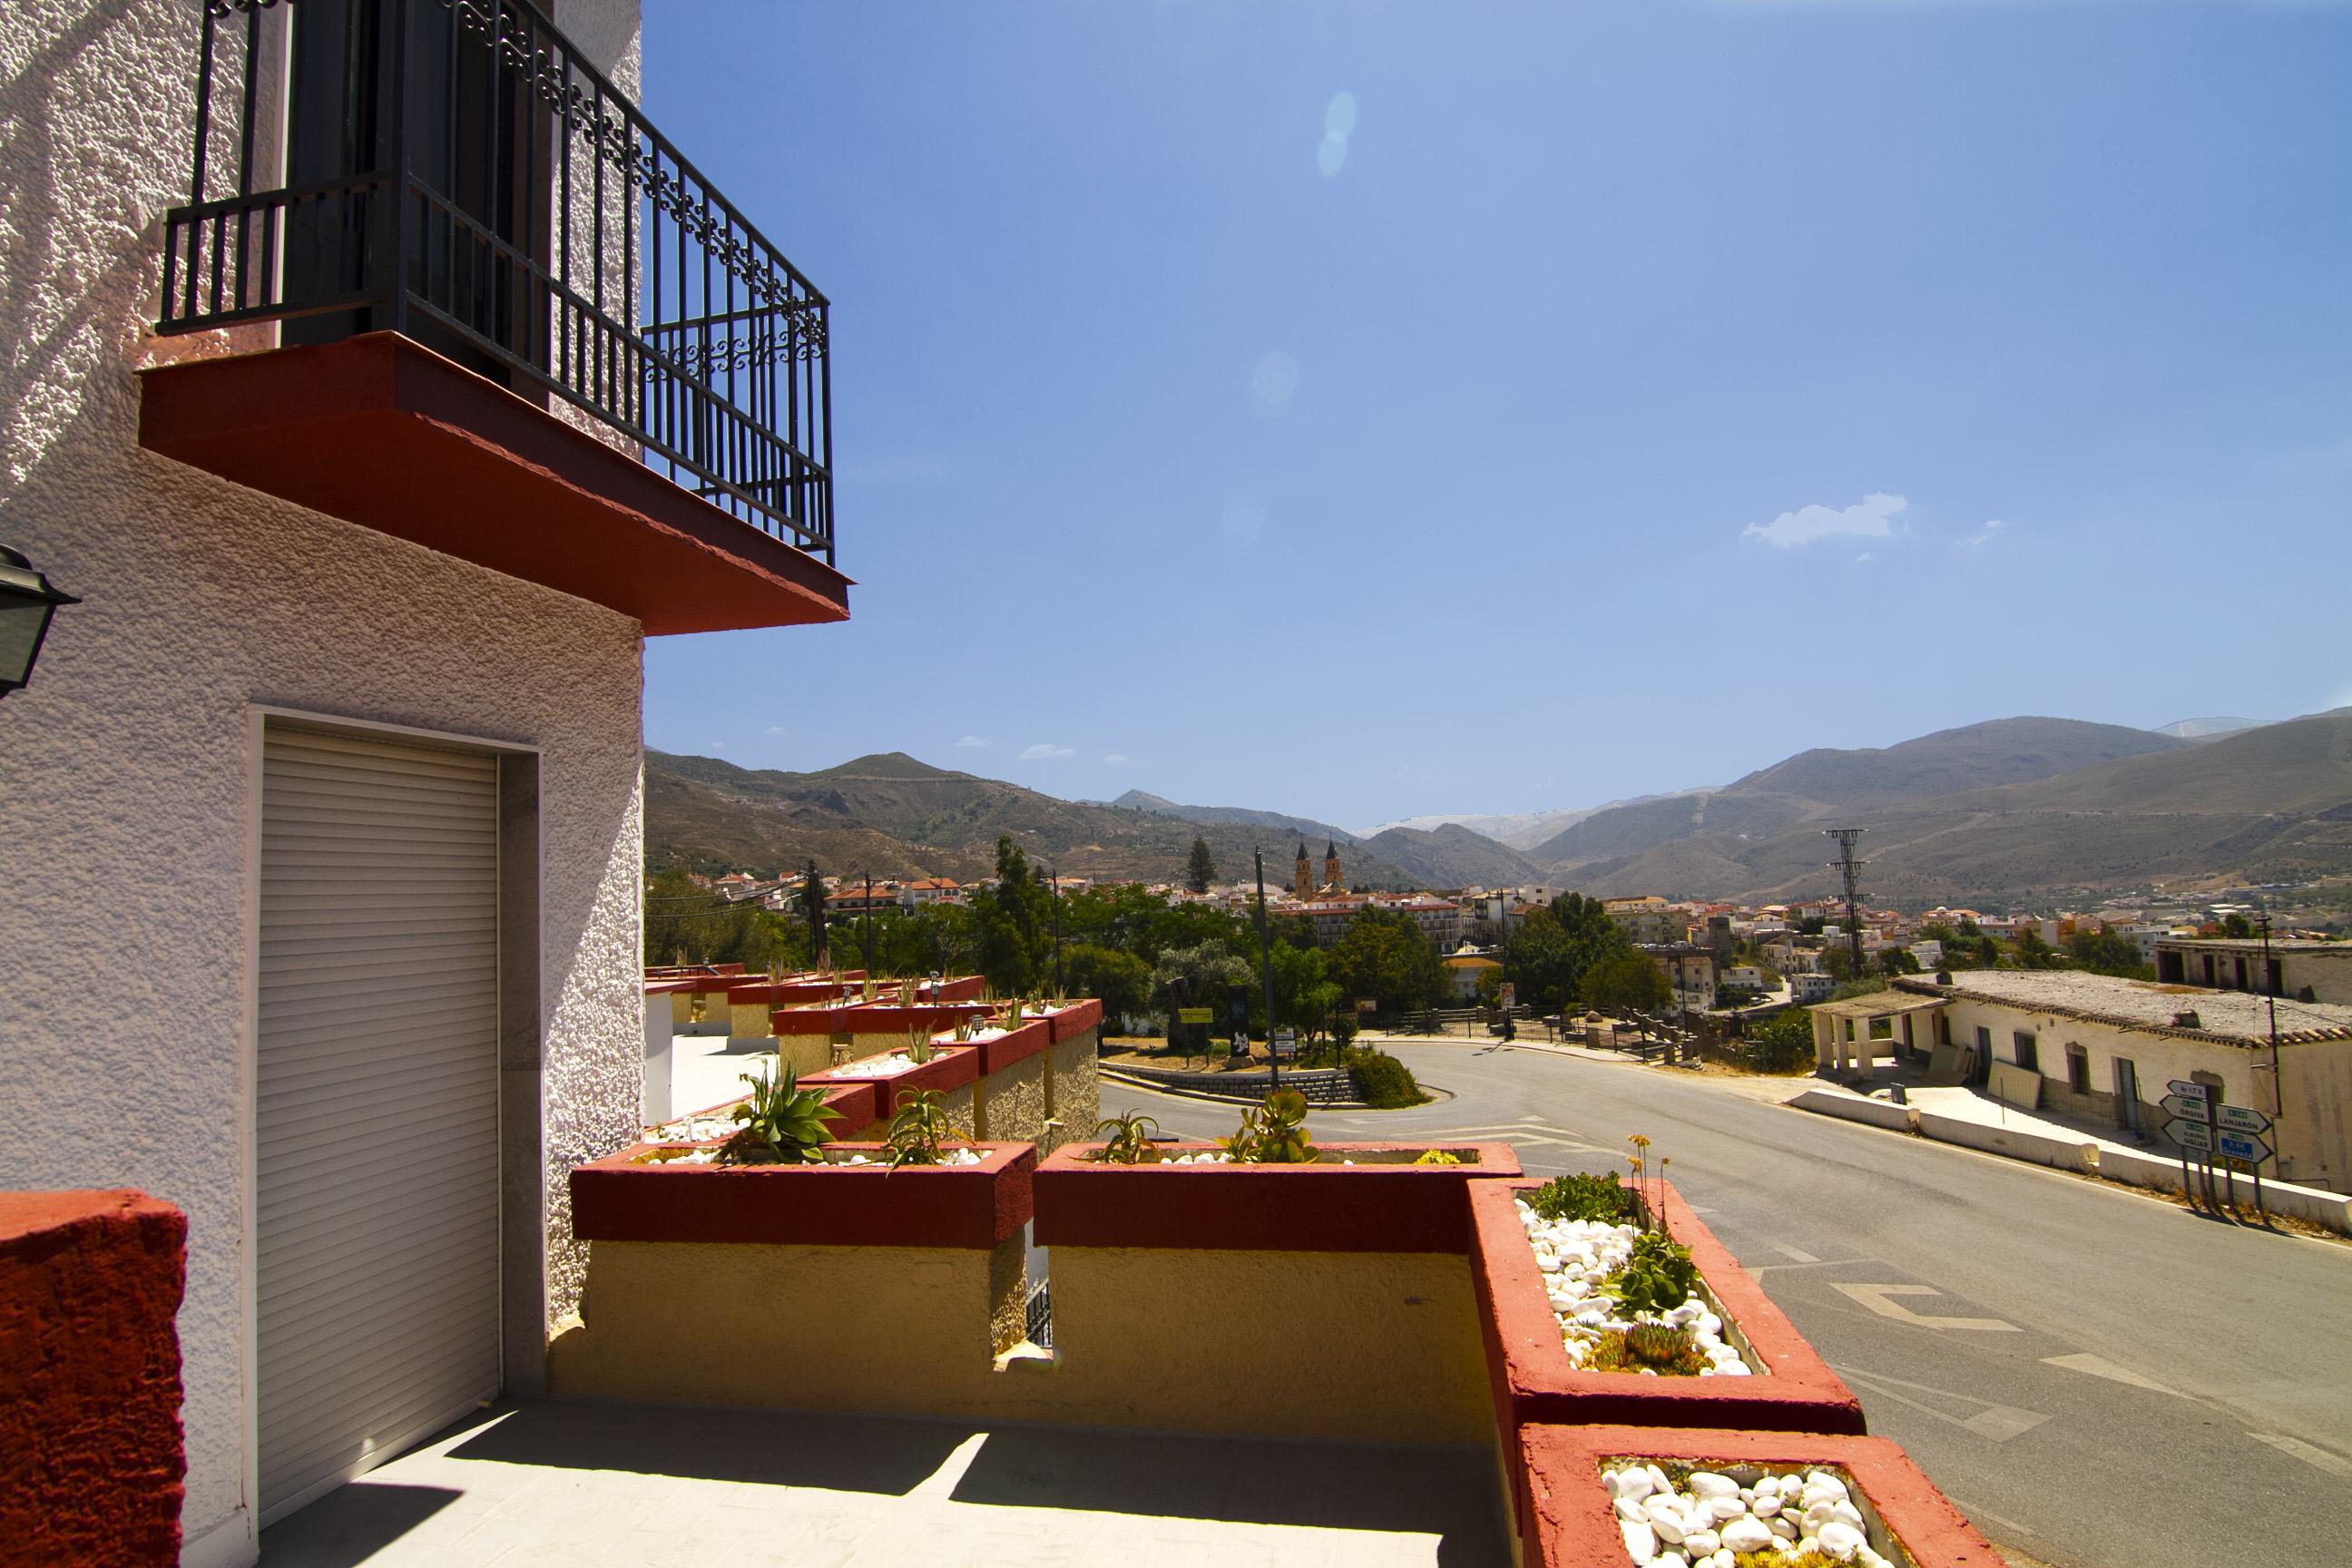 Balcones de Hotel Puerta Nazarí en Órgiva, Alpujarra Granada